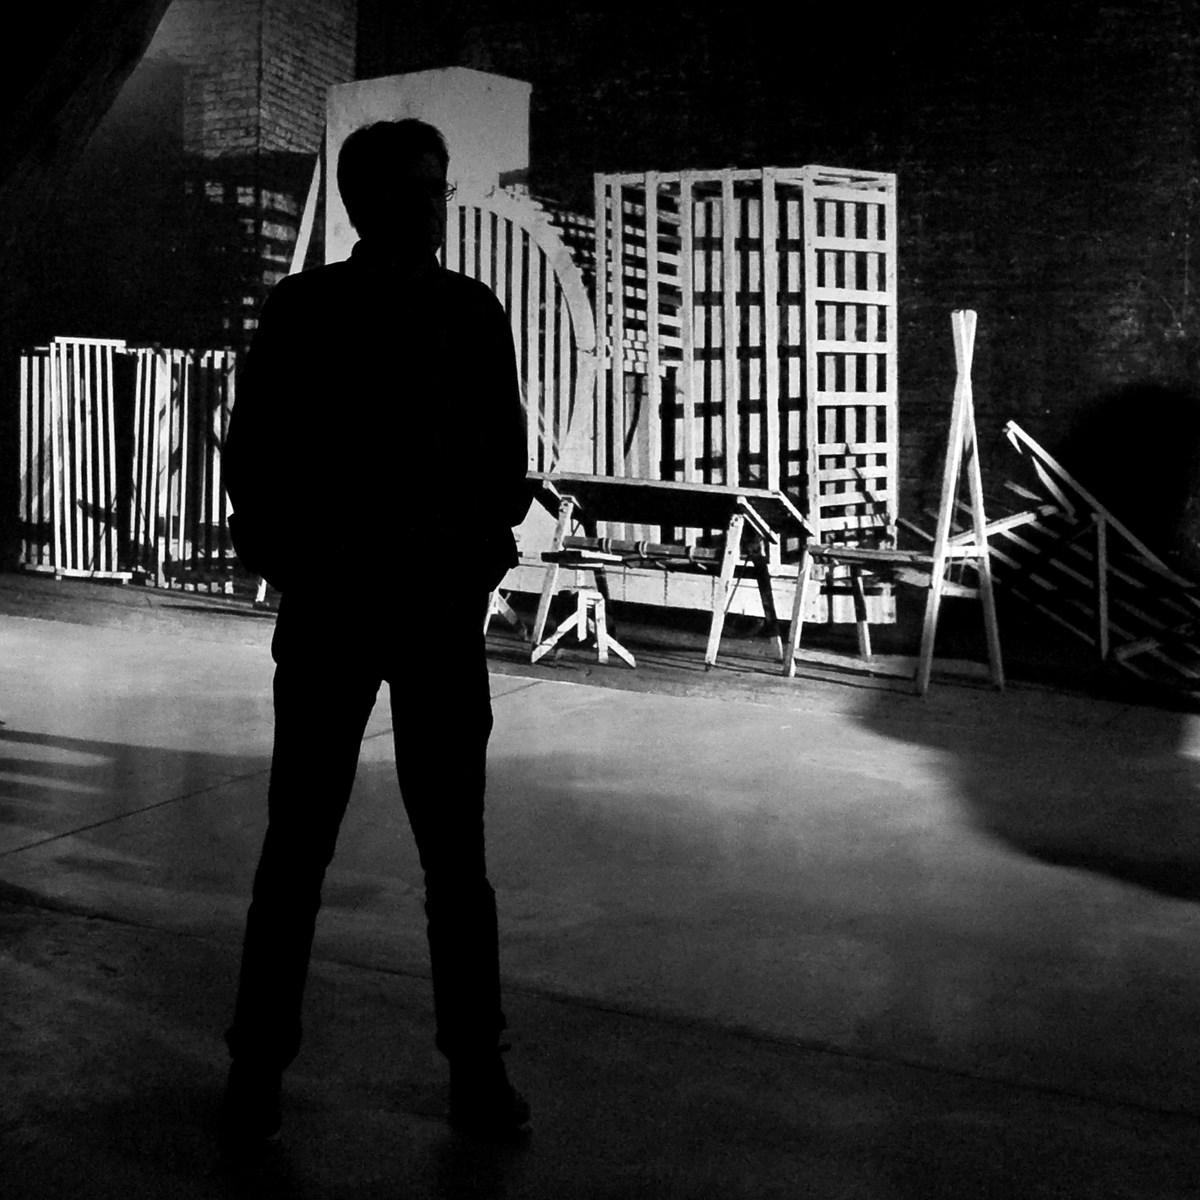 """Wystawa """"Meyerhold – konstruowanie człowieka"""", wernisaż, Centrum Sztuki WRO we Wrocławiu, fot. Karol Jarek (źródło: materiały prasowe organizatora)"""